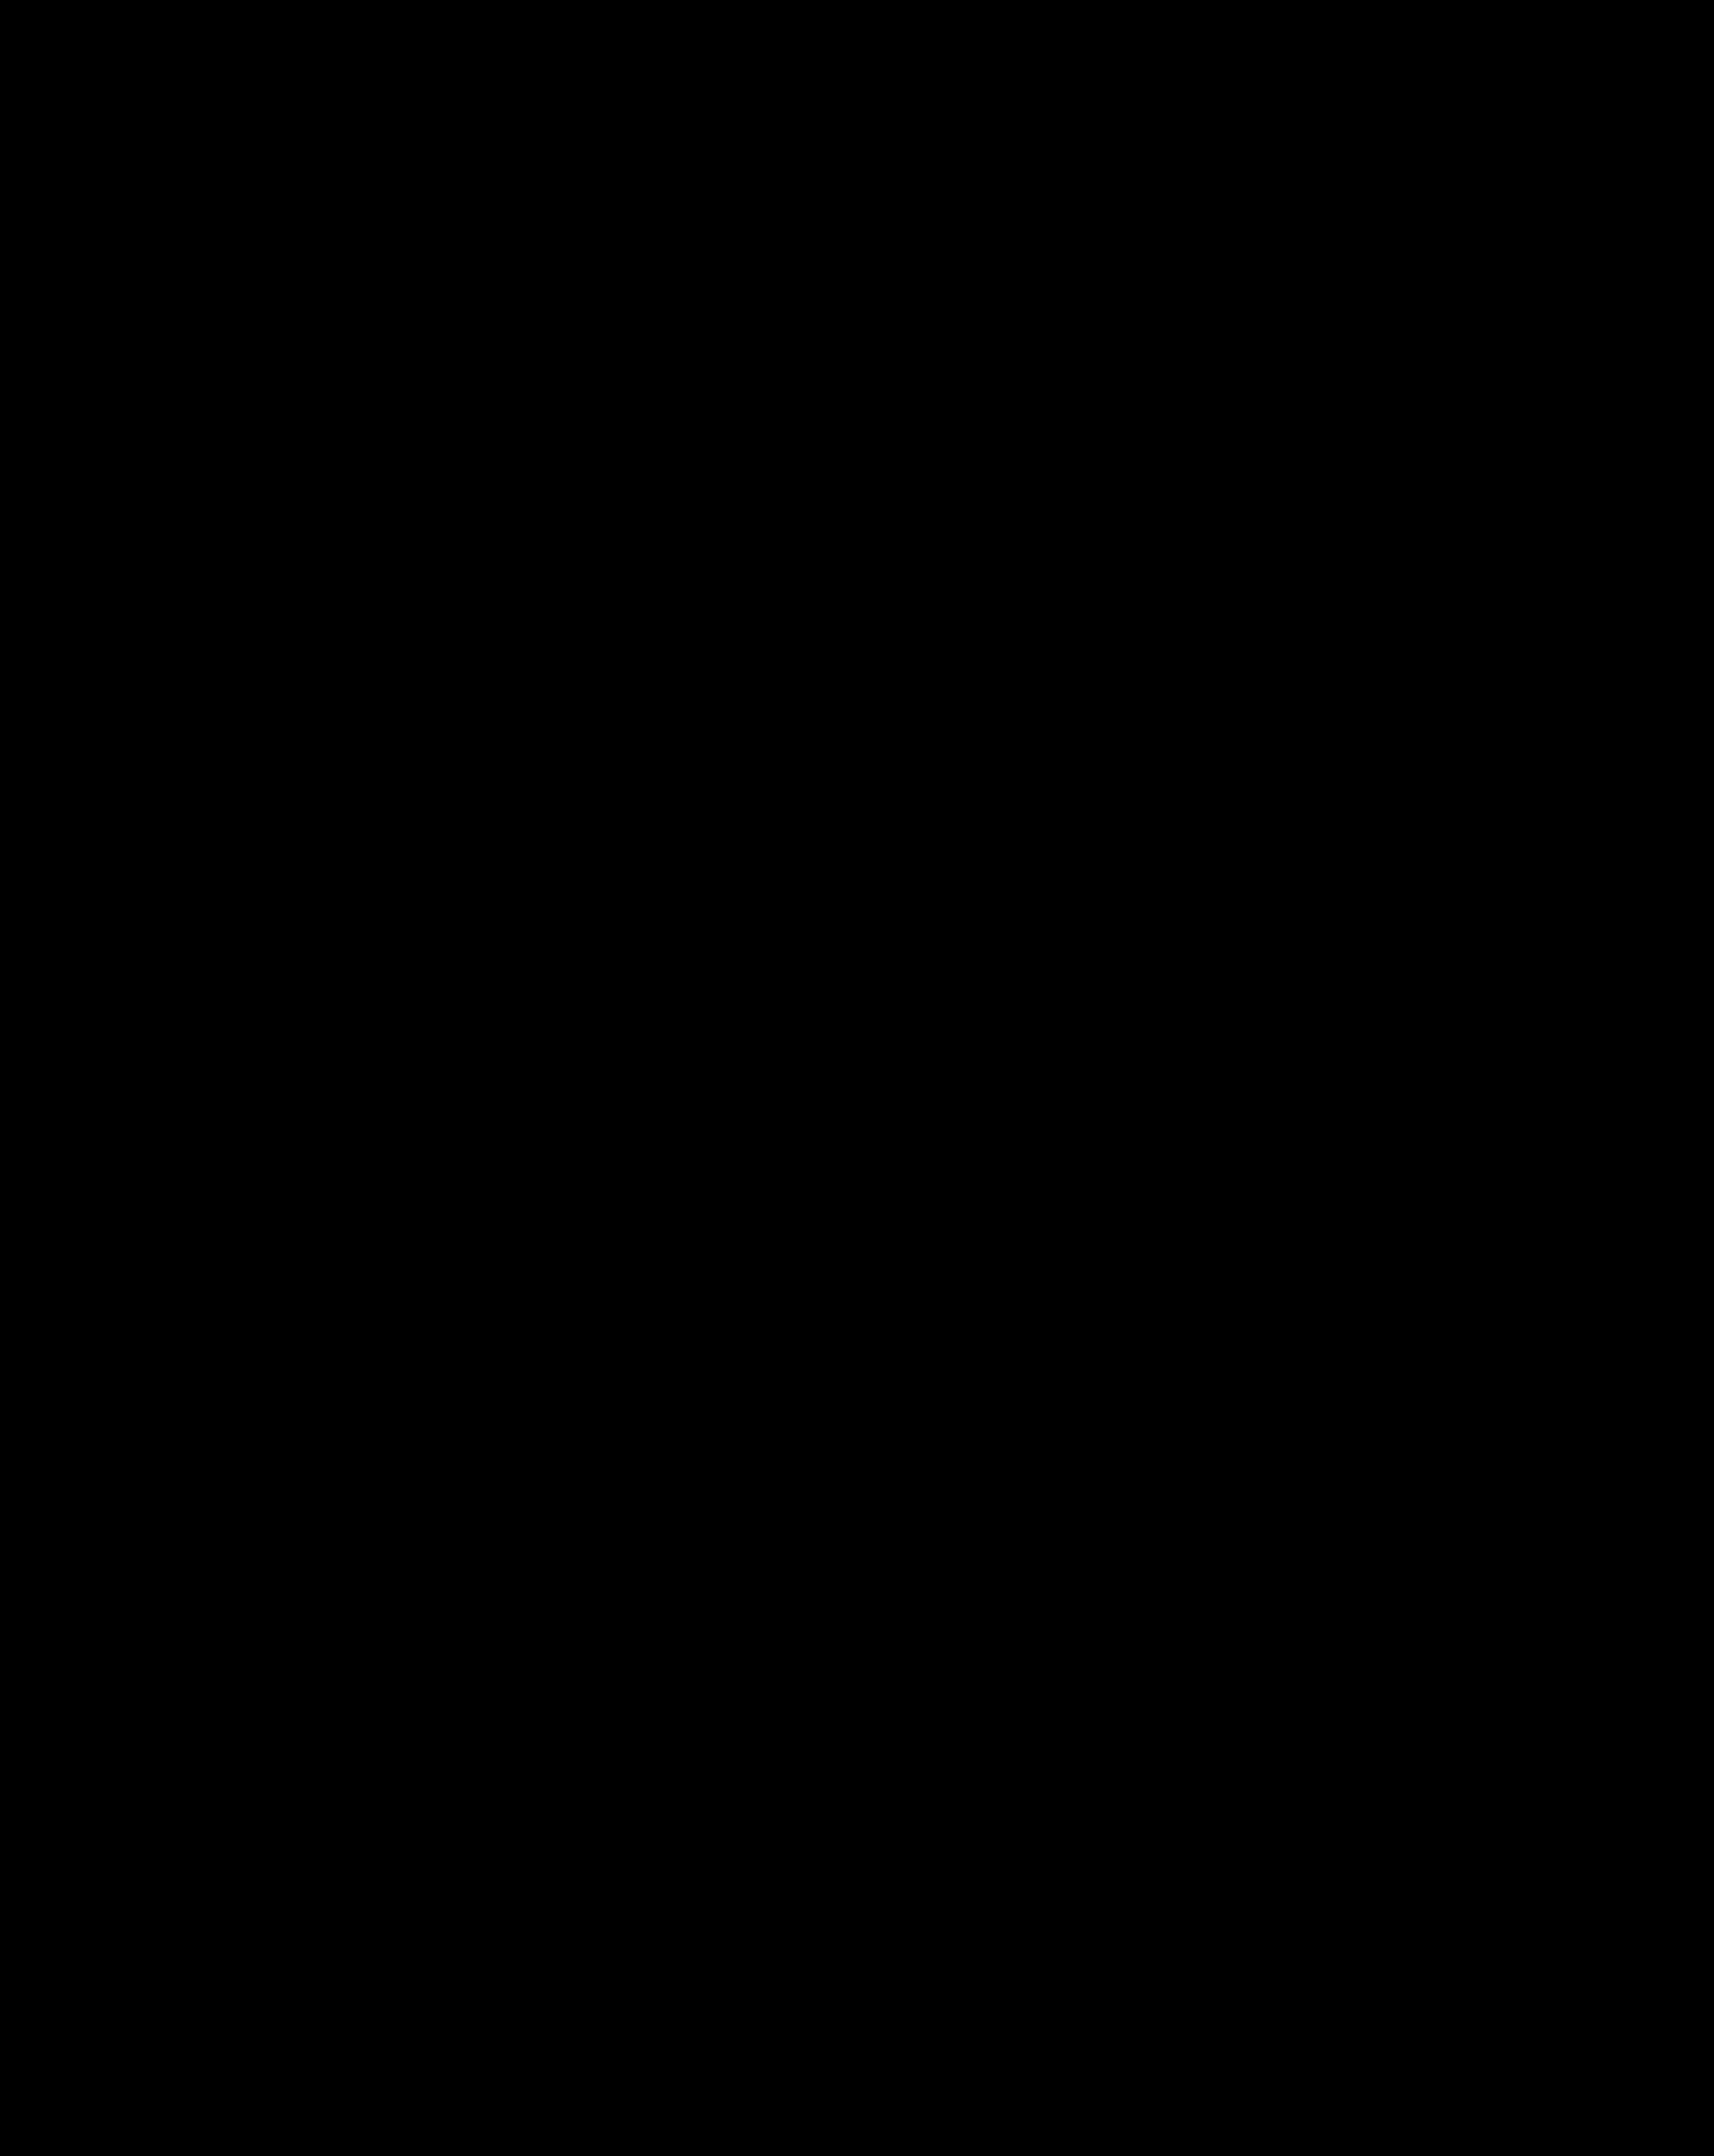 株式会社源之丞ロゴ